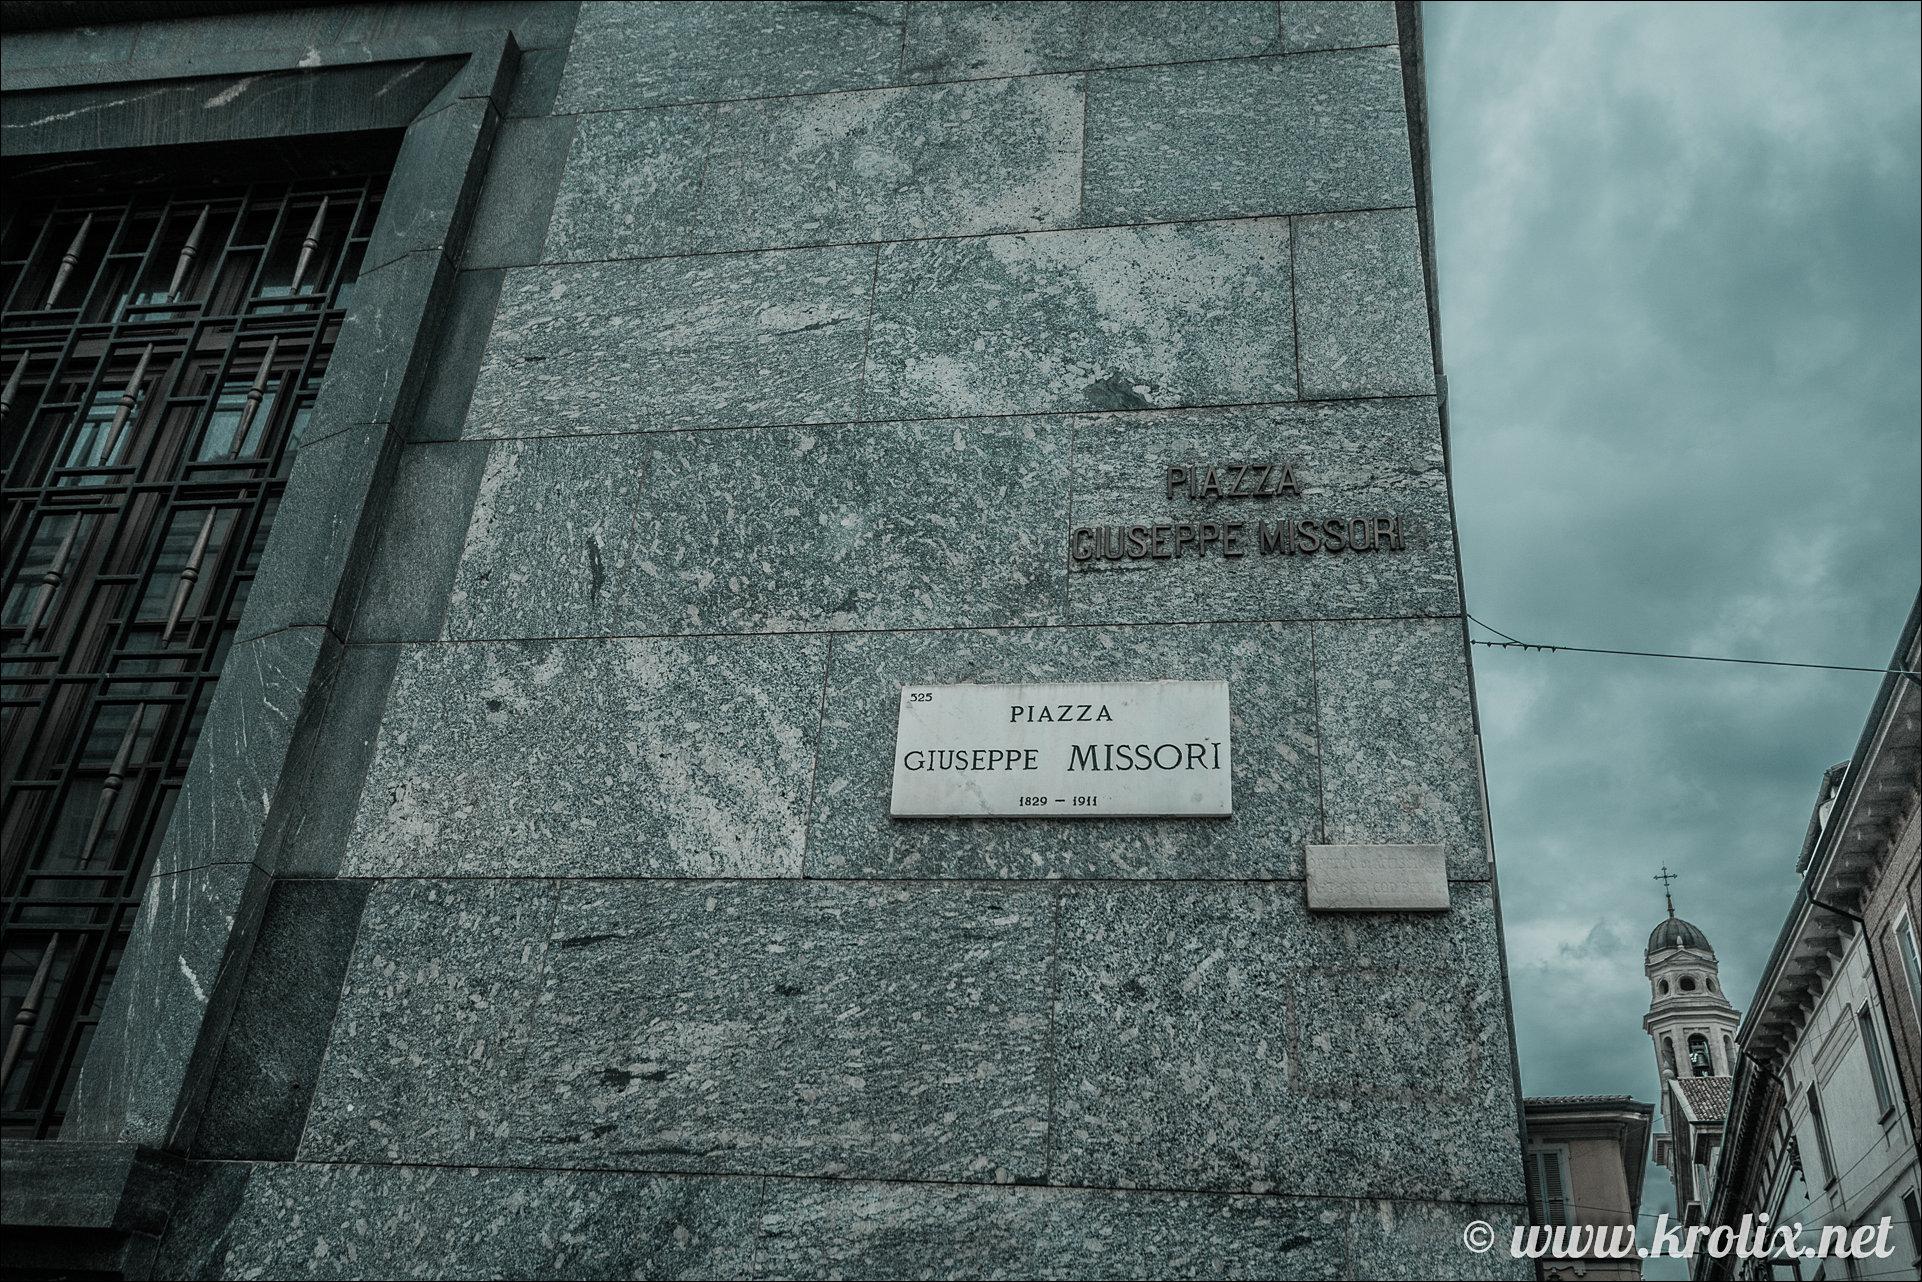 1. Площадь Джузеппе Миссори.